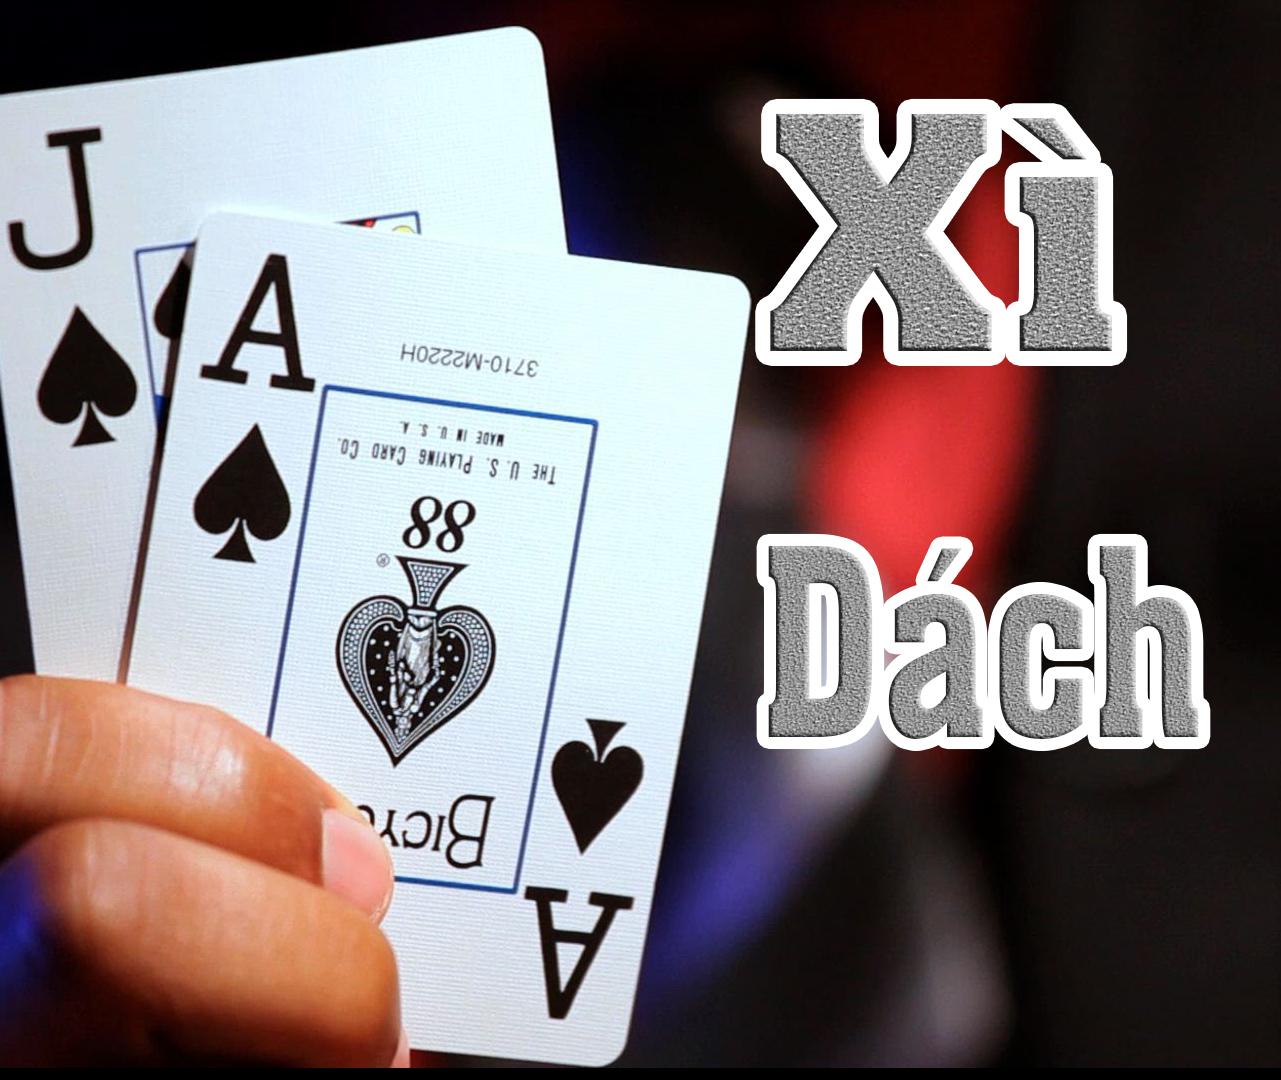 Cách chơi bài xì dách – chơi hay nhận ngay tiền thưởng từ Dafabet